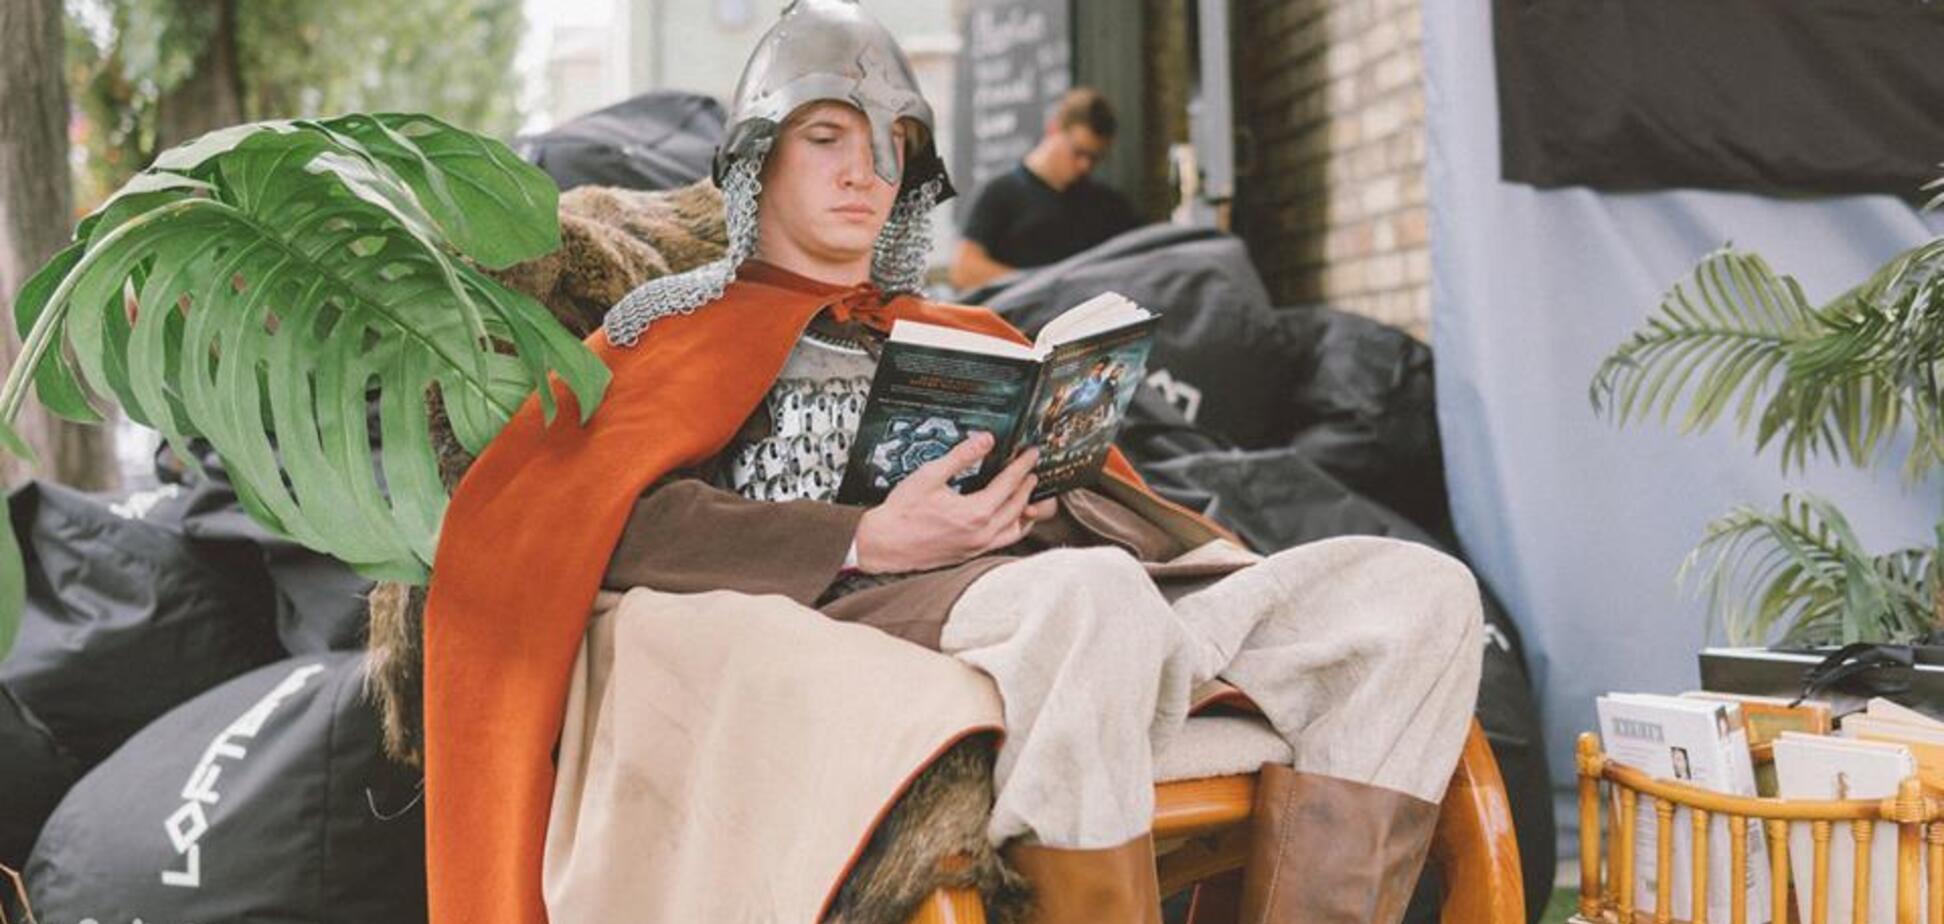 Кураж Базар пройдет на новой локации и будет посвящен книгам